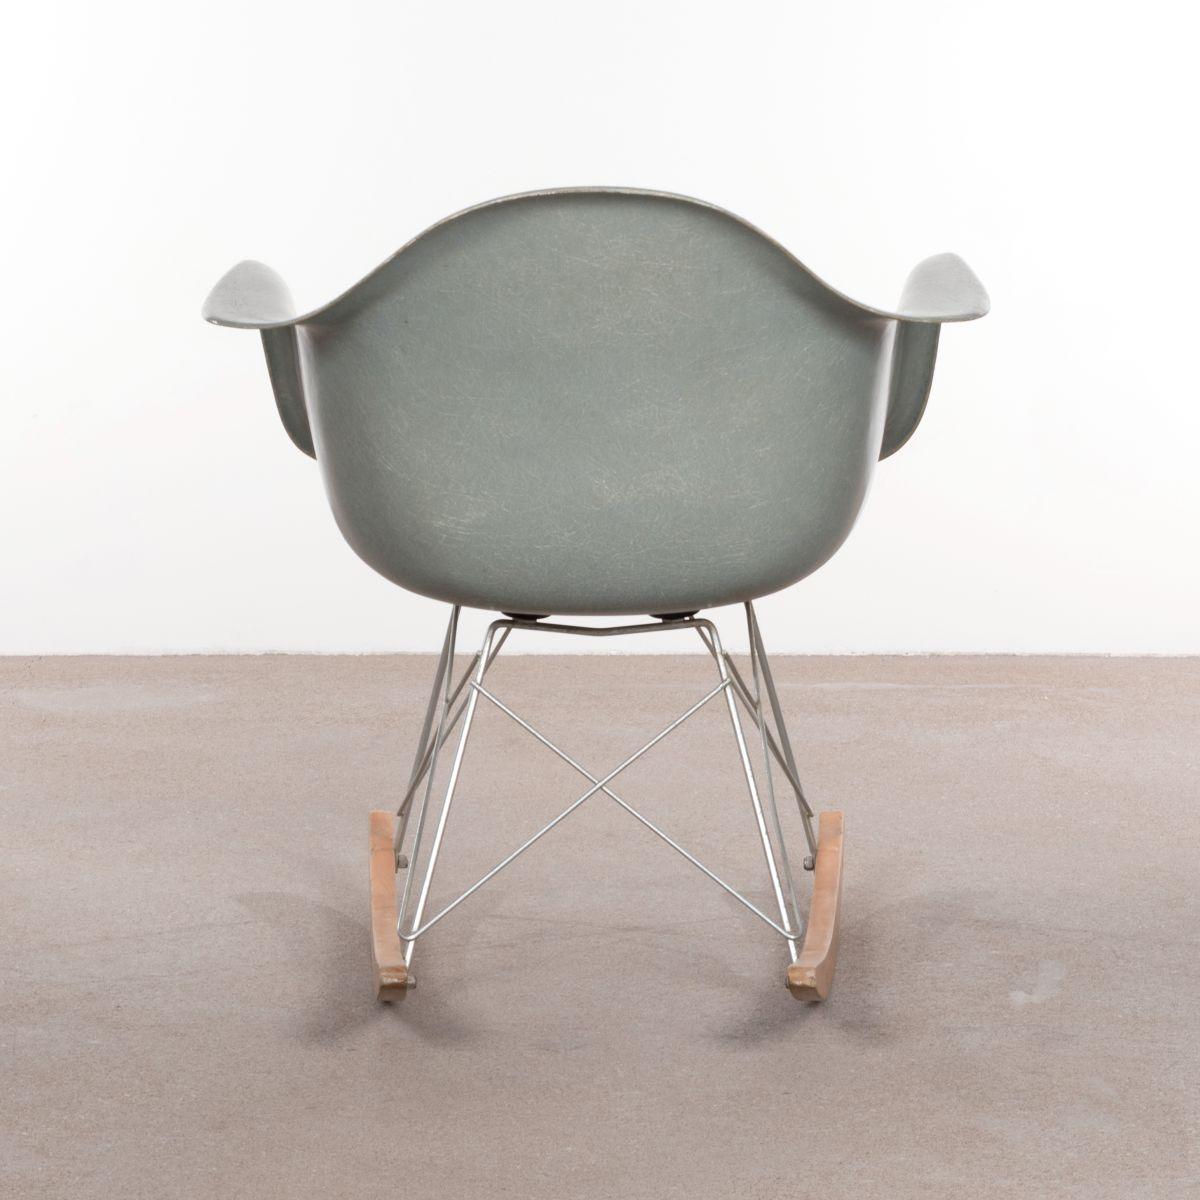 rar schaukelstuhl von charles ray eames f r herman miller 1960er bei pamono kaufen. Black Bedroom Furniture Sets. Home Design Ideas